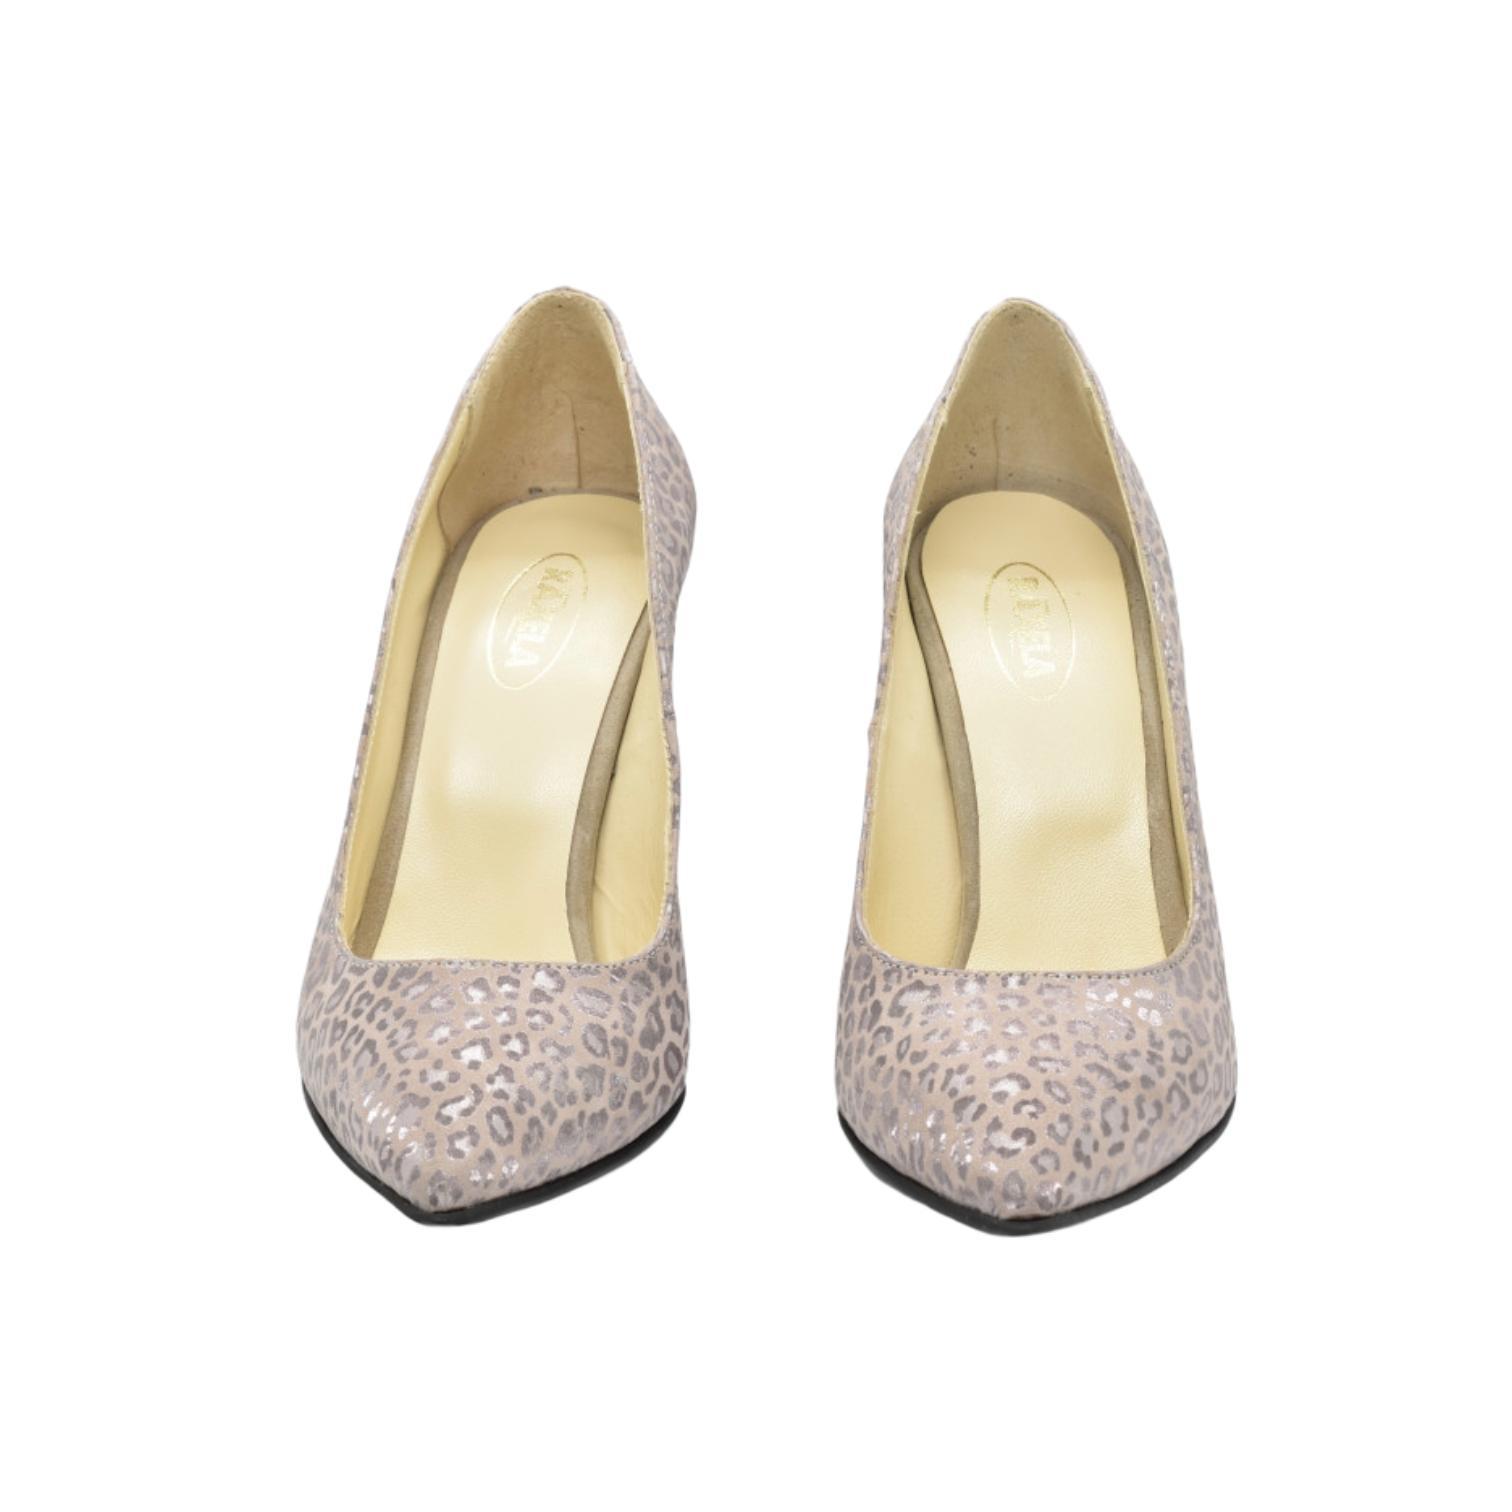 Pantofi somon cu imprimeu tip pantera